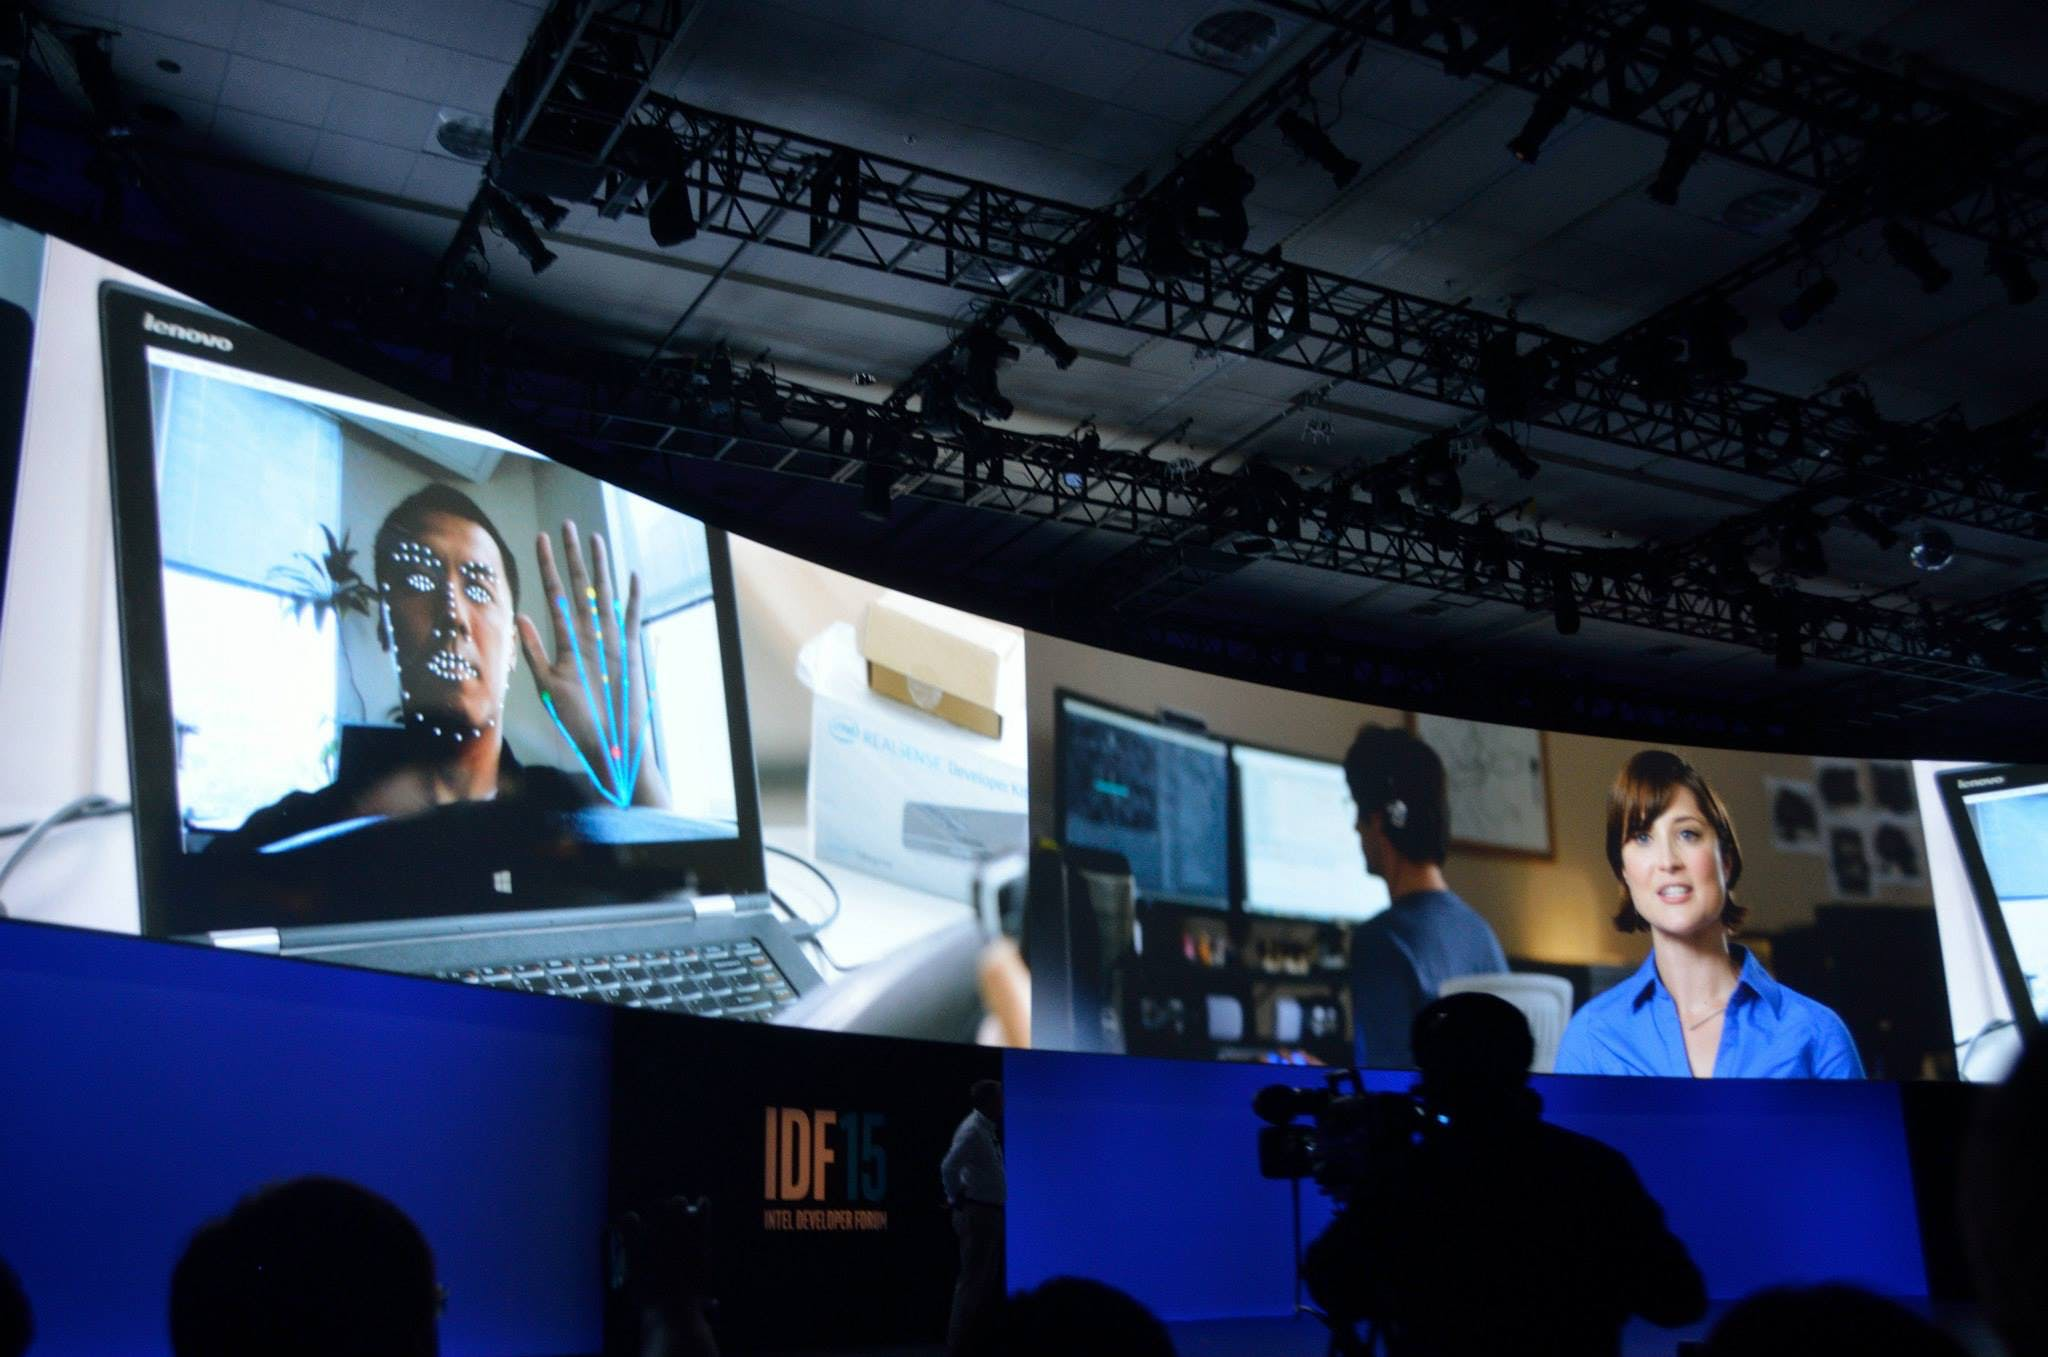 Intel IDF 2015 Keynote